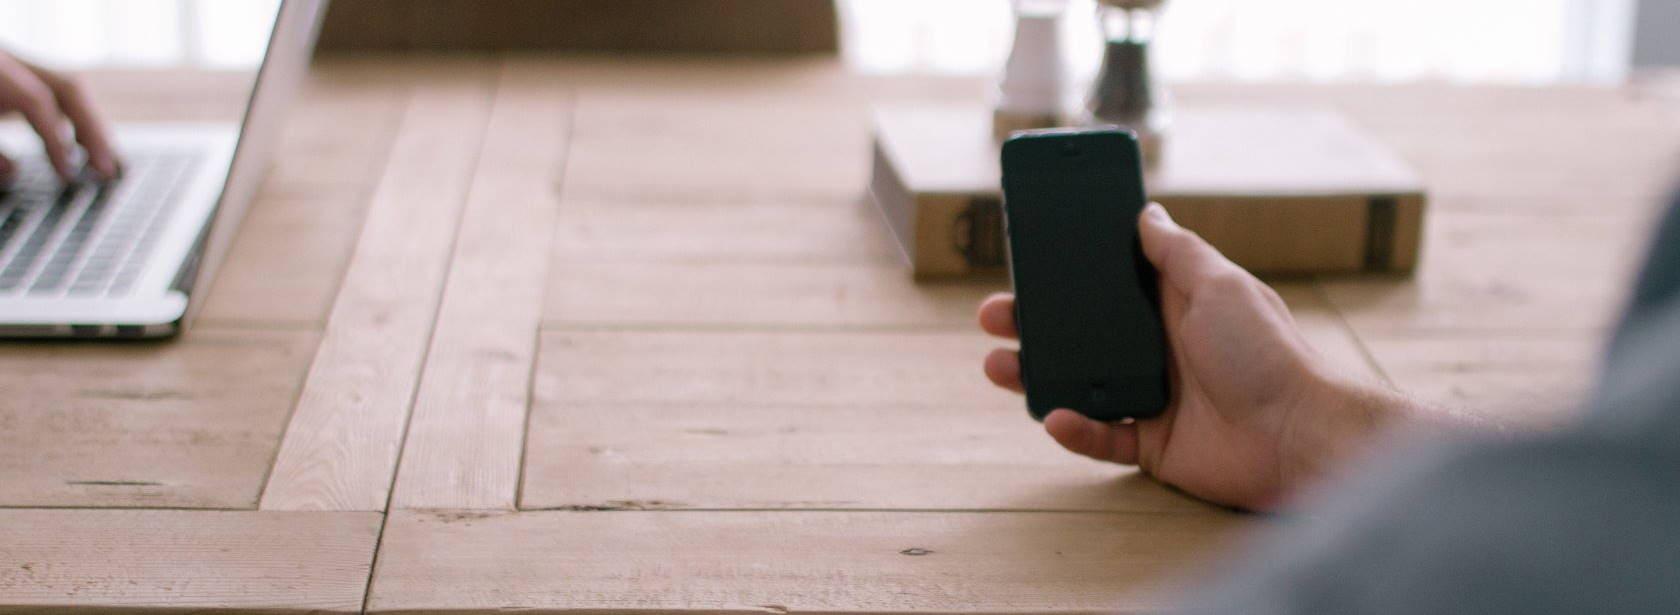 Оставьте свои контактные данные и мы с вами свяжемся!